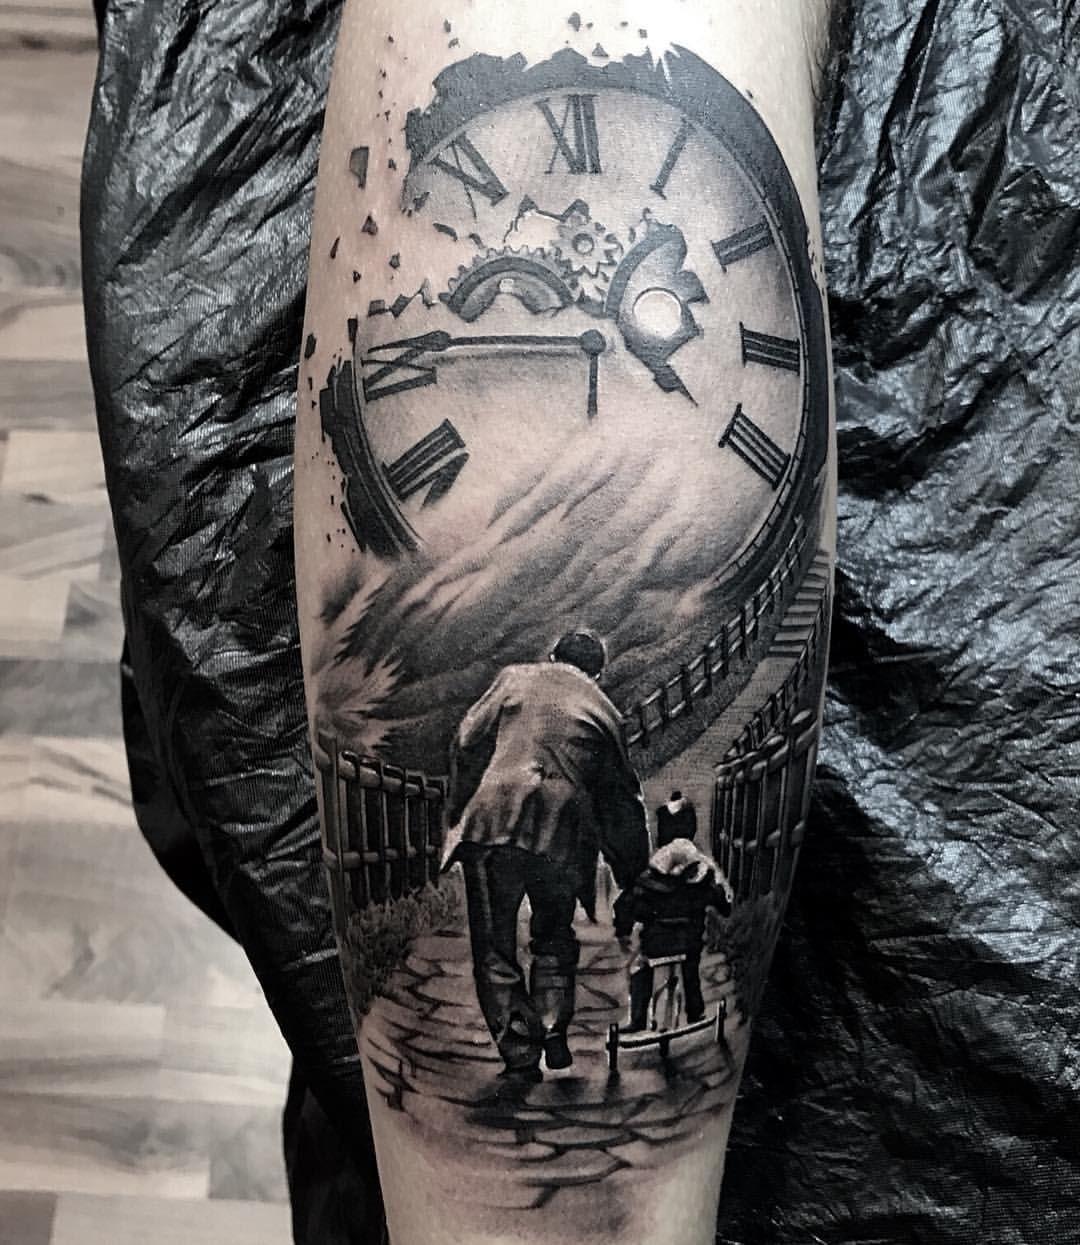 Carlos Rios Espinoza -Skin Memories Tattoostudio. #essen #essencity #essenstadt #essensteele #germany #deutschland #blackandgreytattoo… #grandfathertattoo